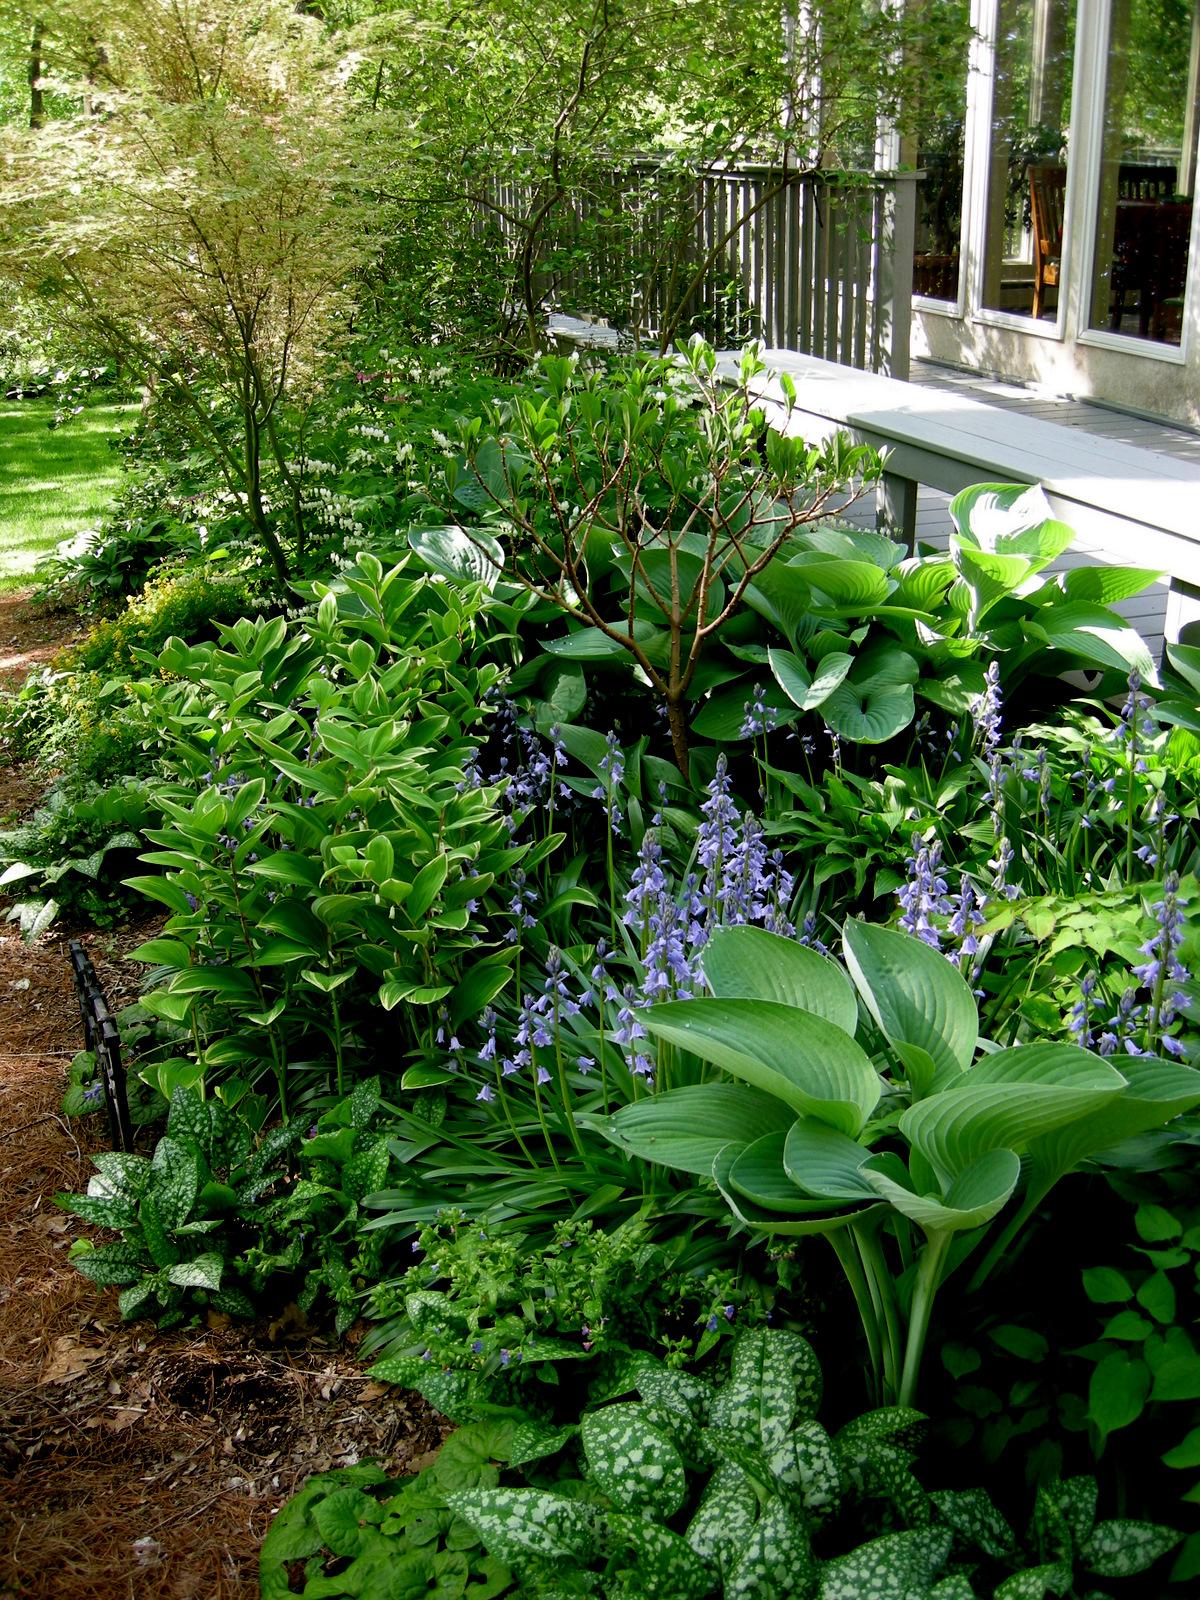 Ggw photo contest carolyn 39 s shade gardens for Partial shade garden designs